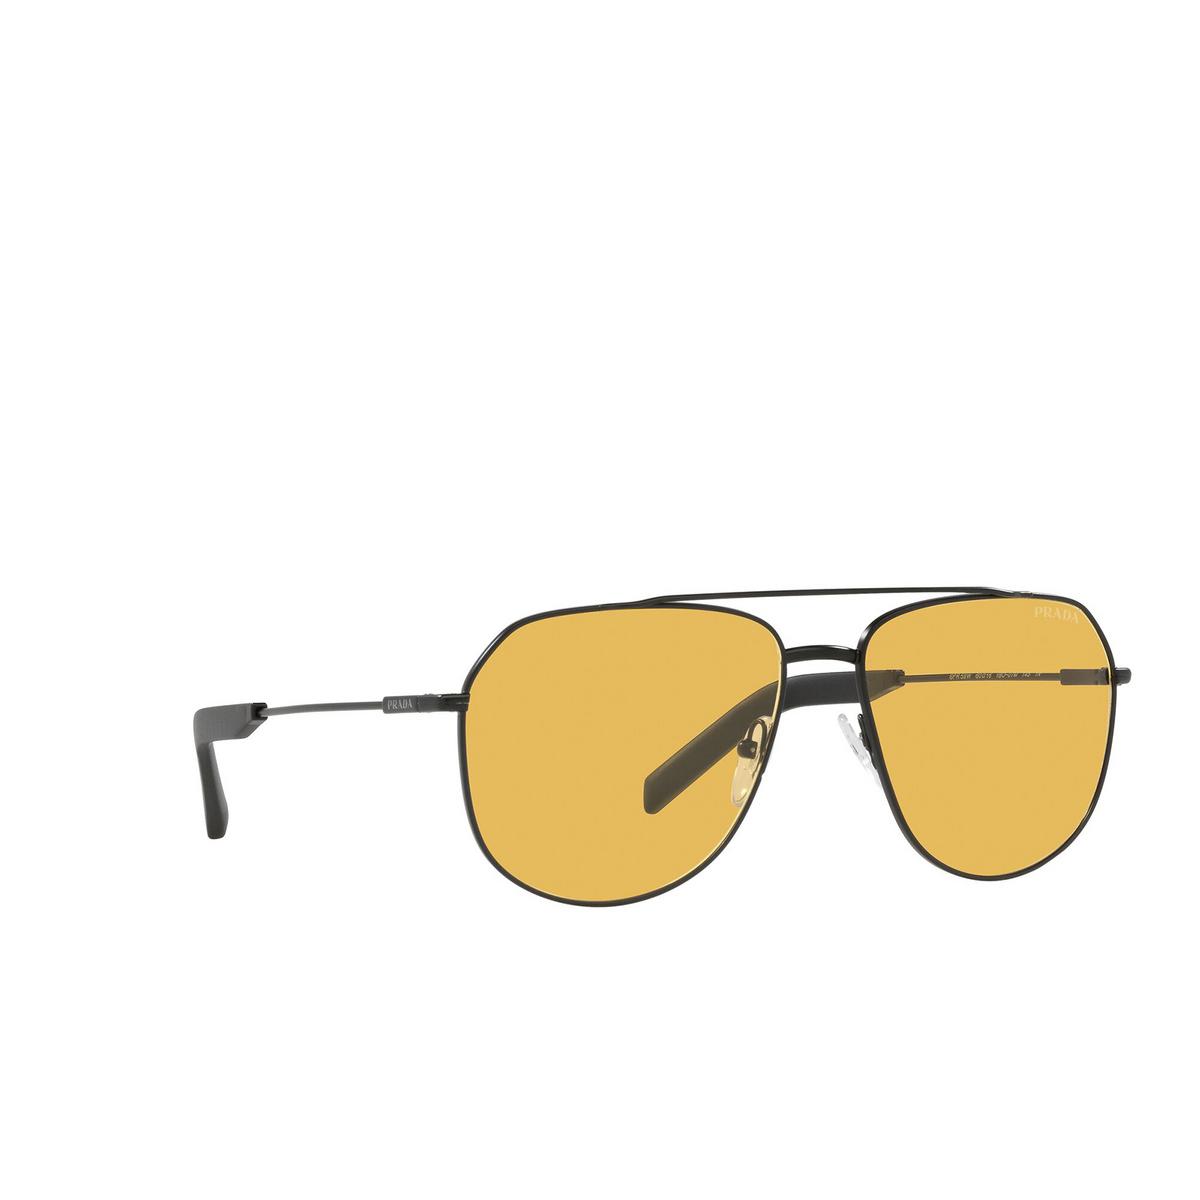 Prada® Aviator Sunglasses: PR 59WS color Matte Black 1BO07M - three-quarters view.